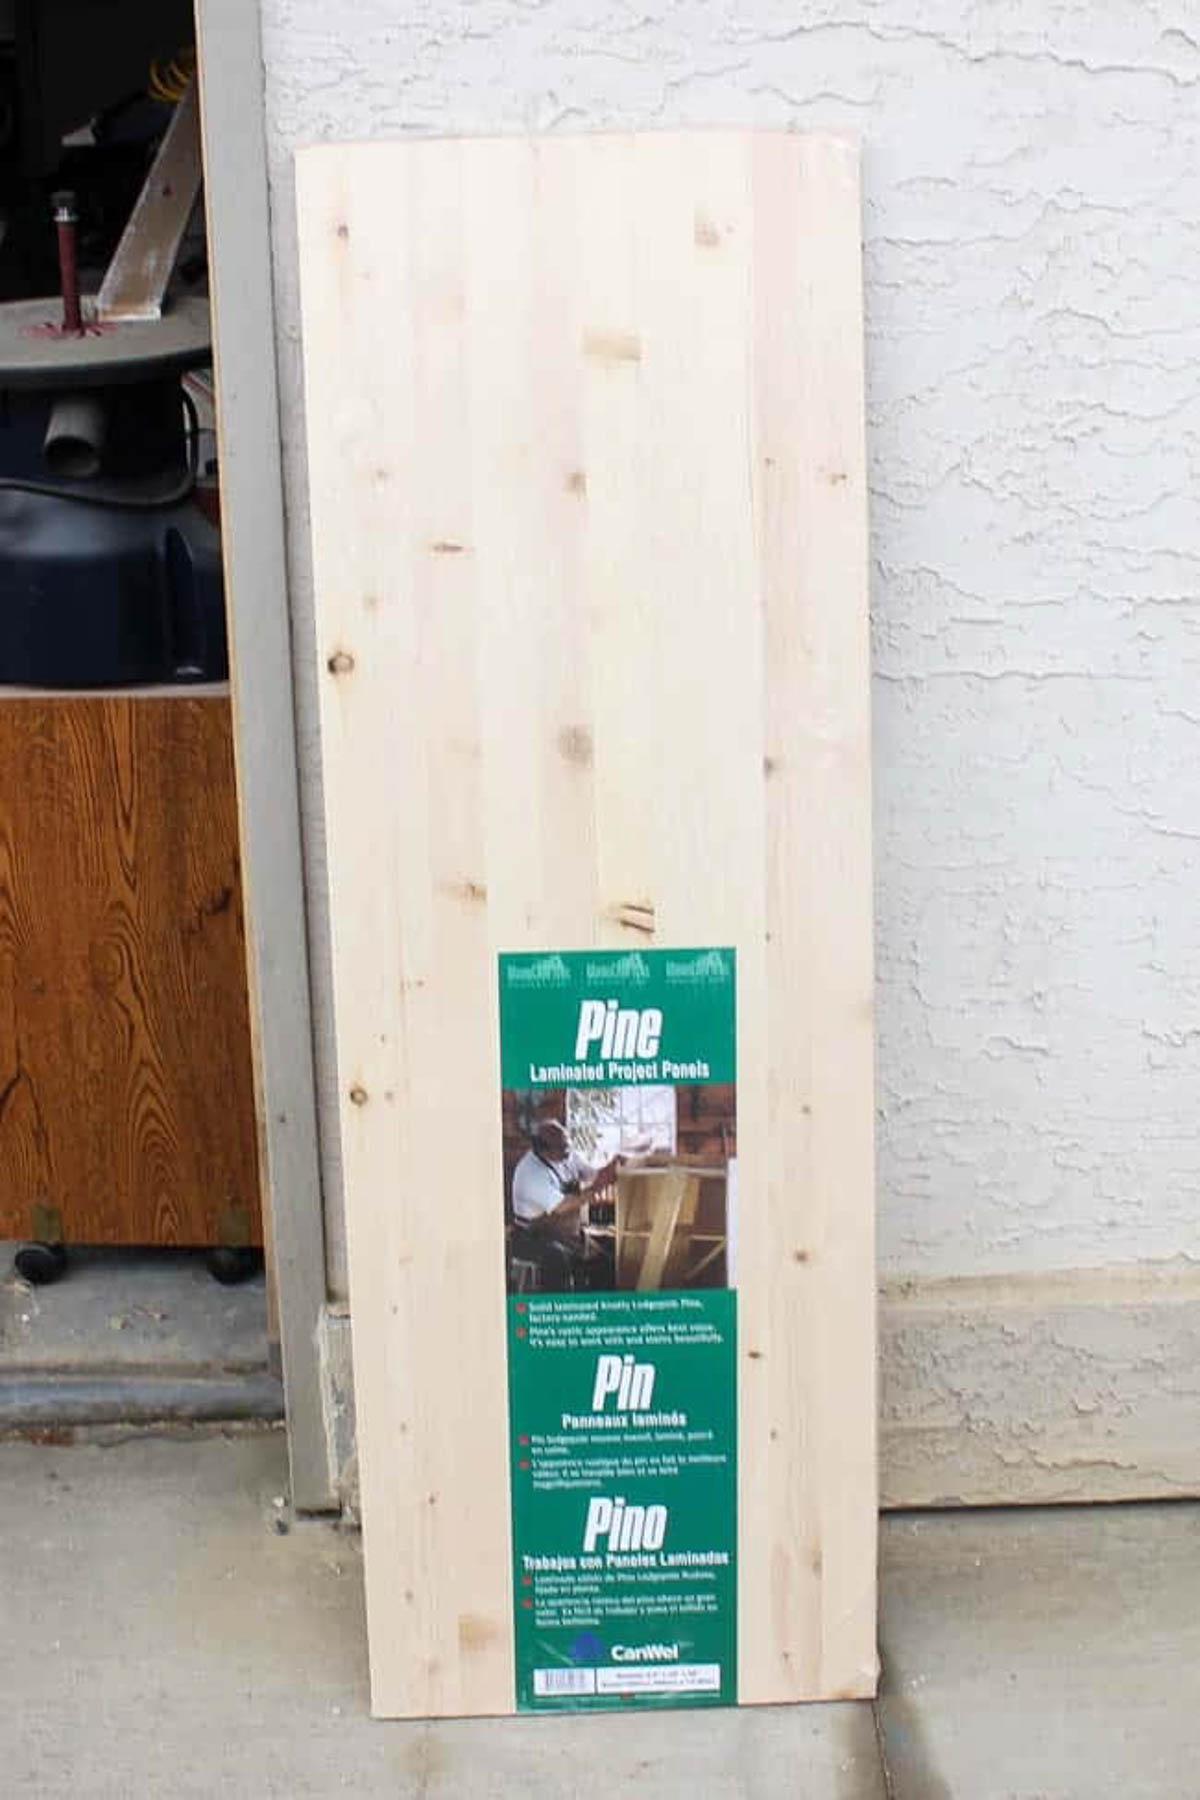 Laminated pine panels for easy floating shelves